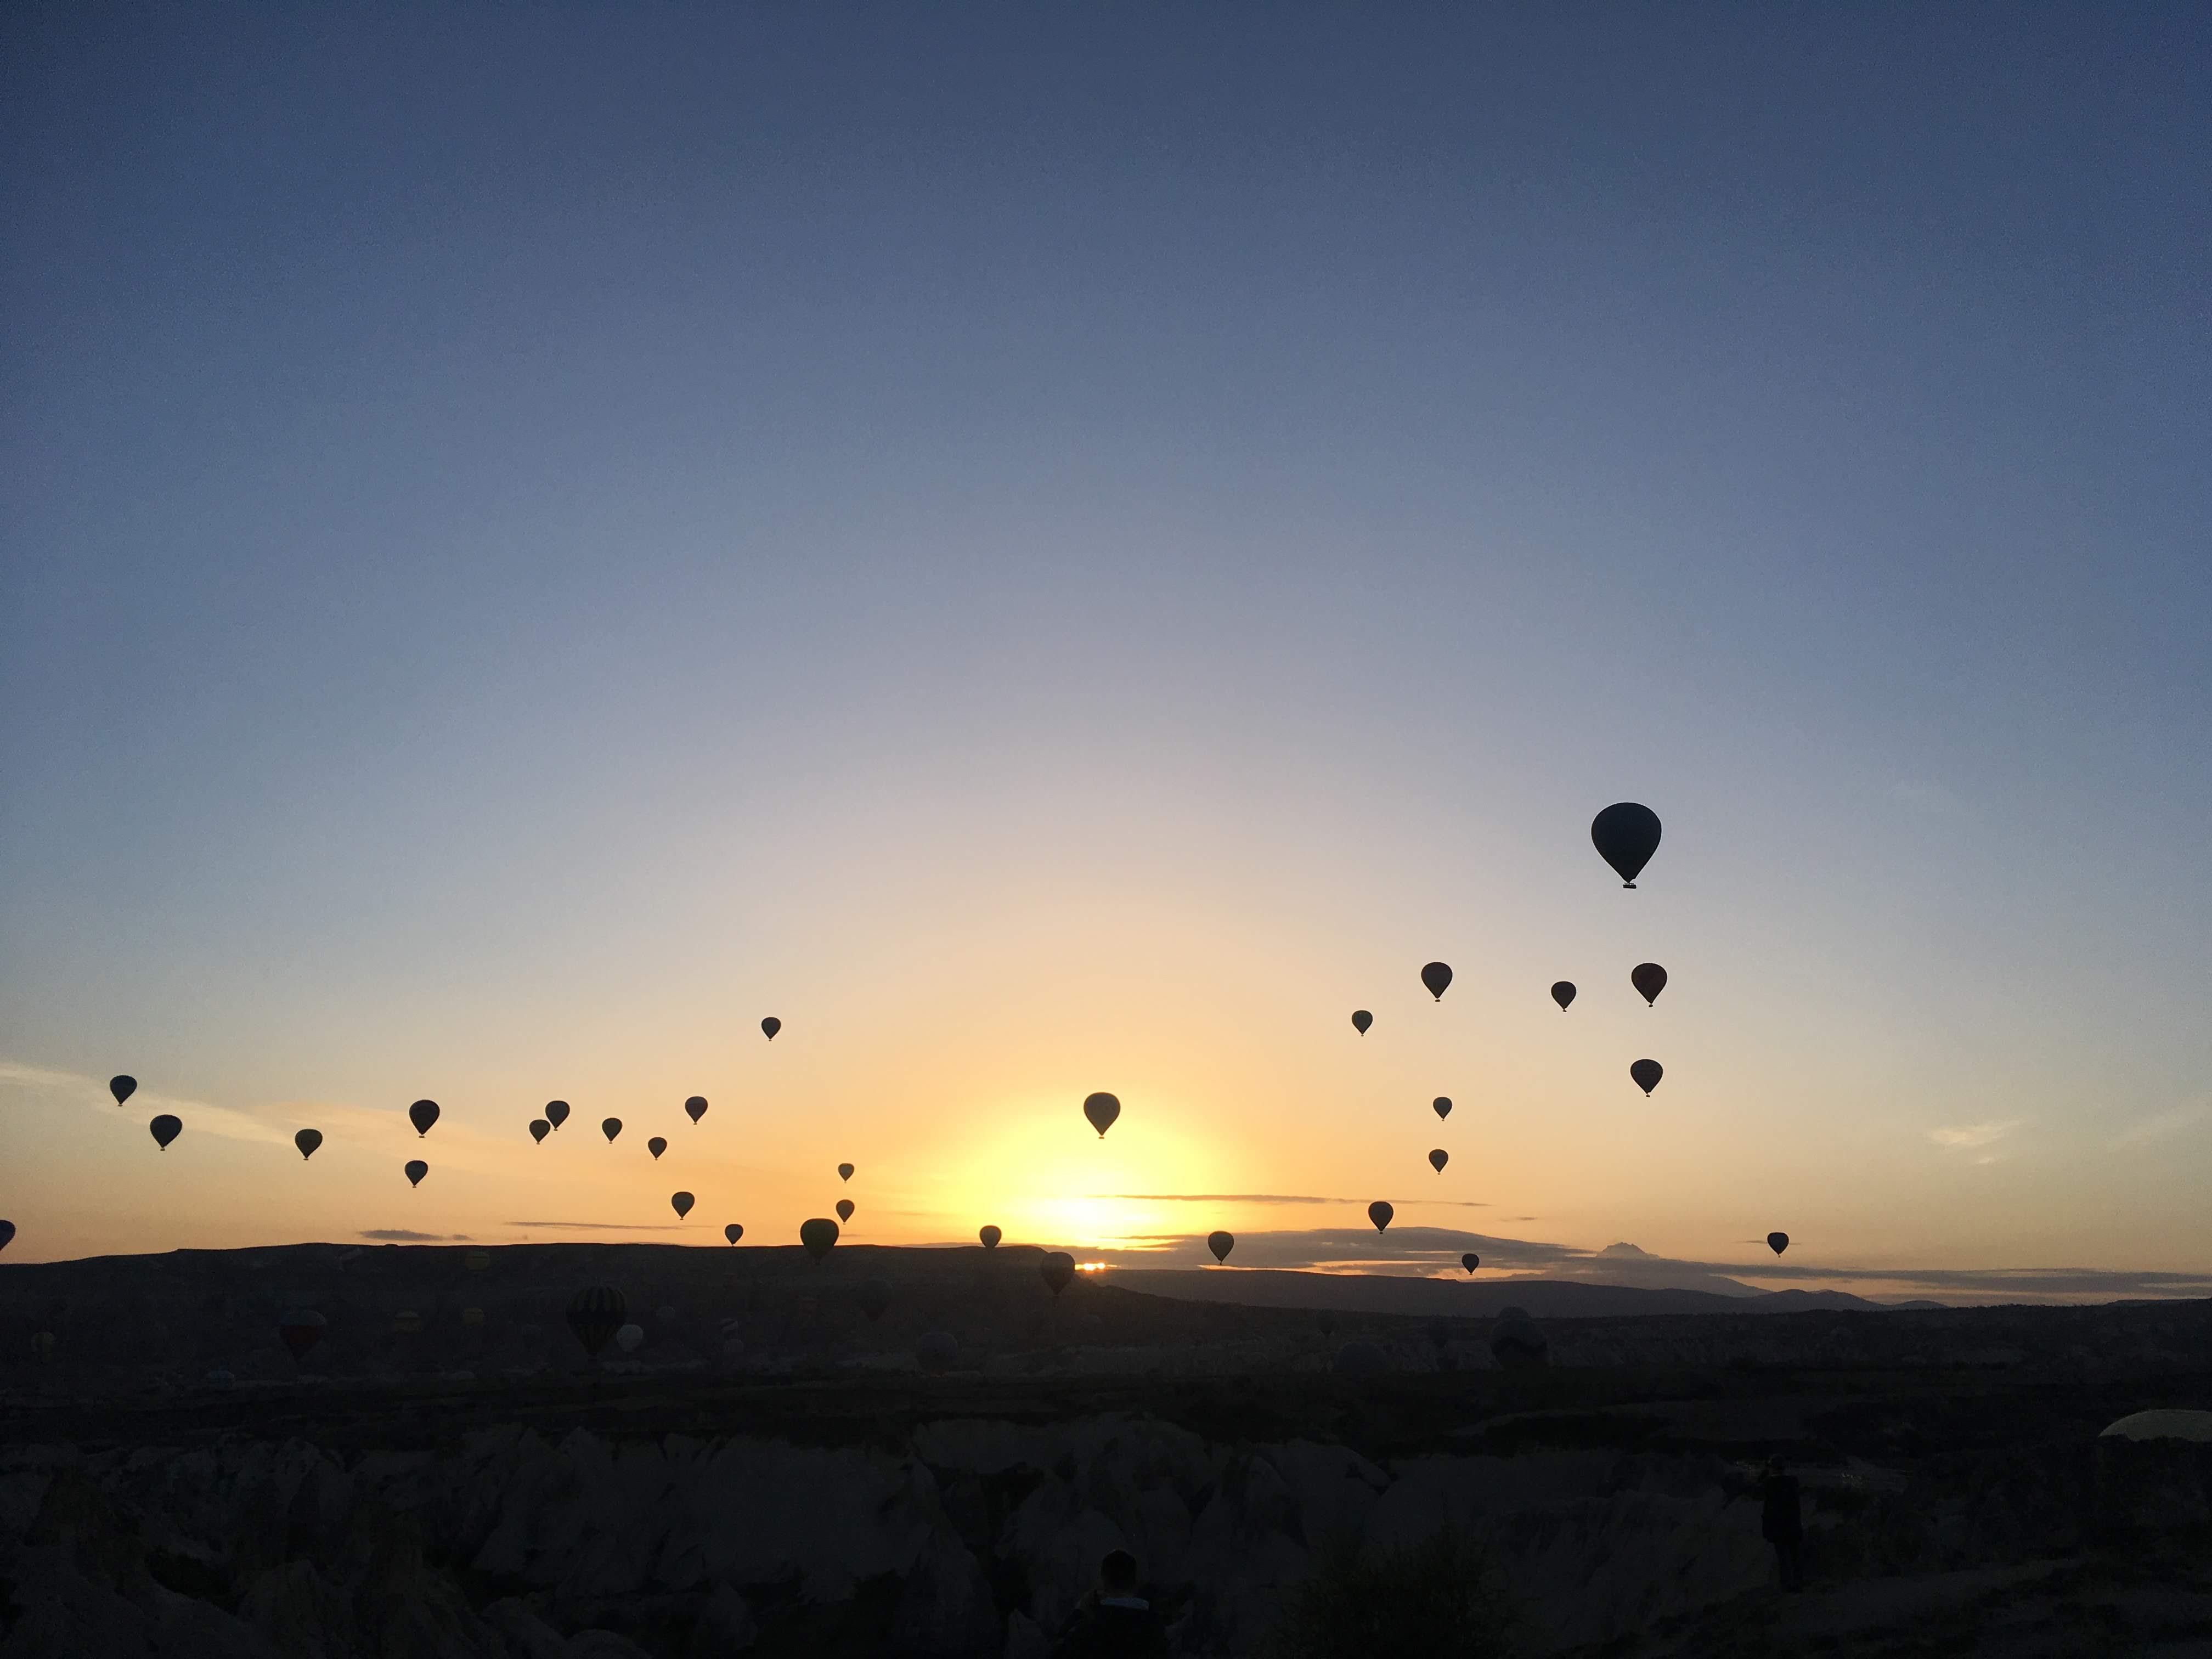 カッパソキア 気球 朝日